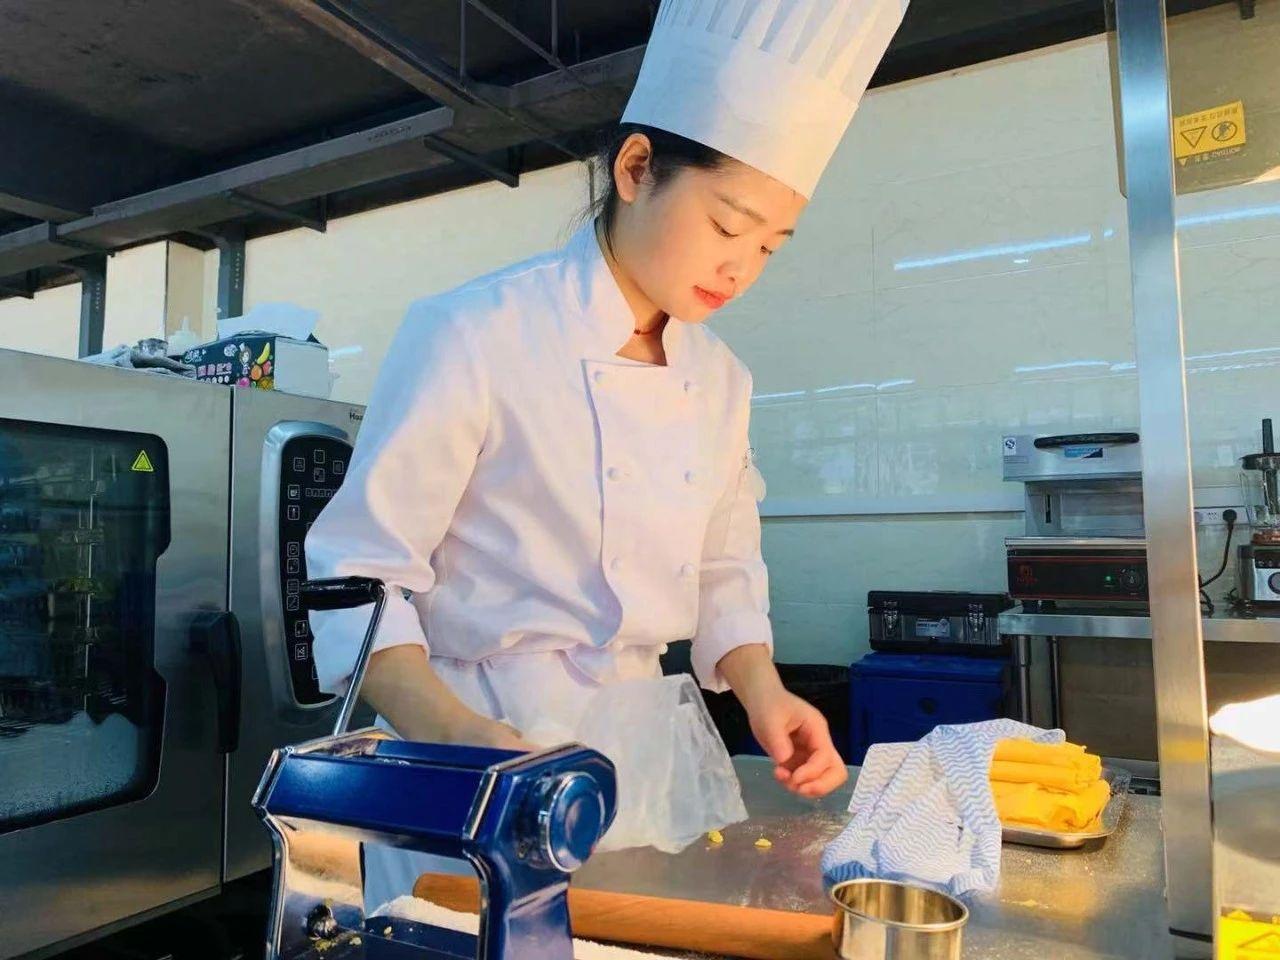 烹饪能手沈思静:技能成才 匠心筑梦